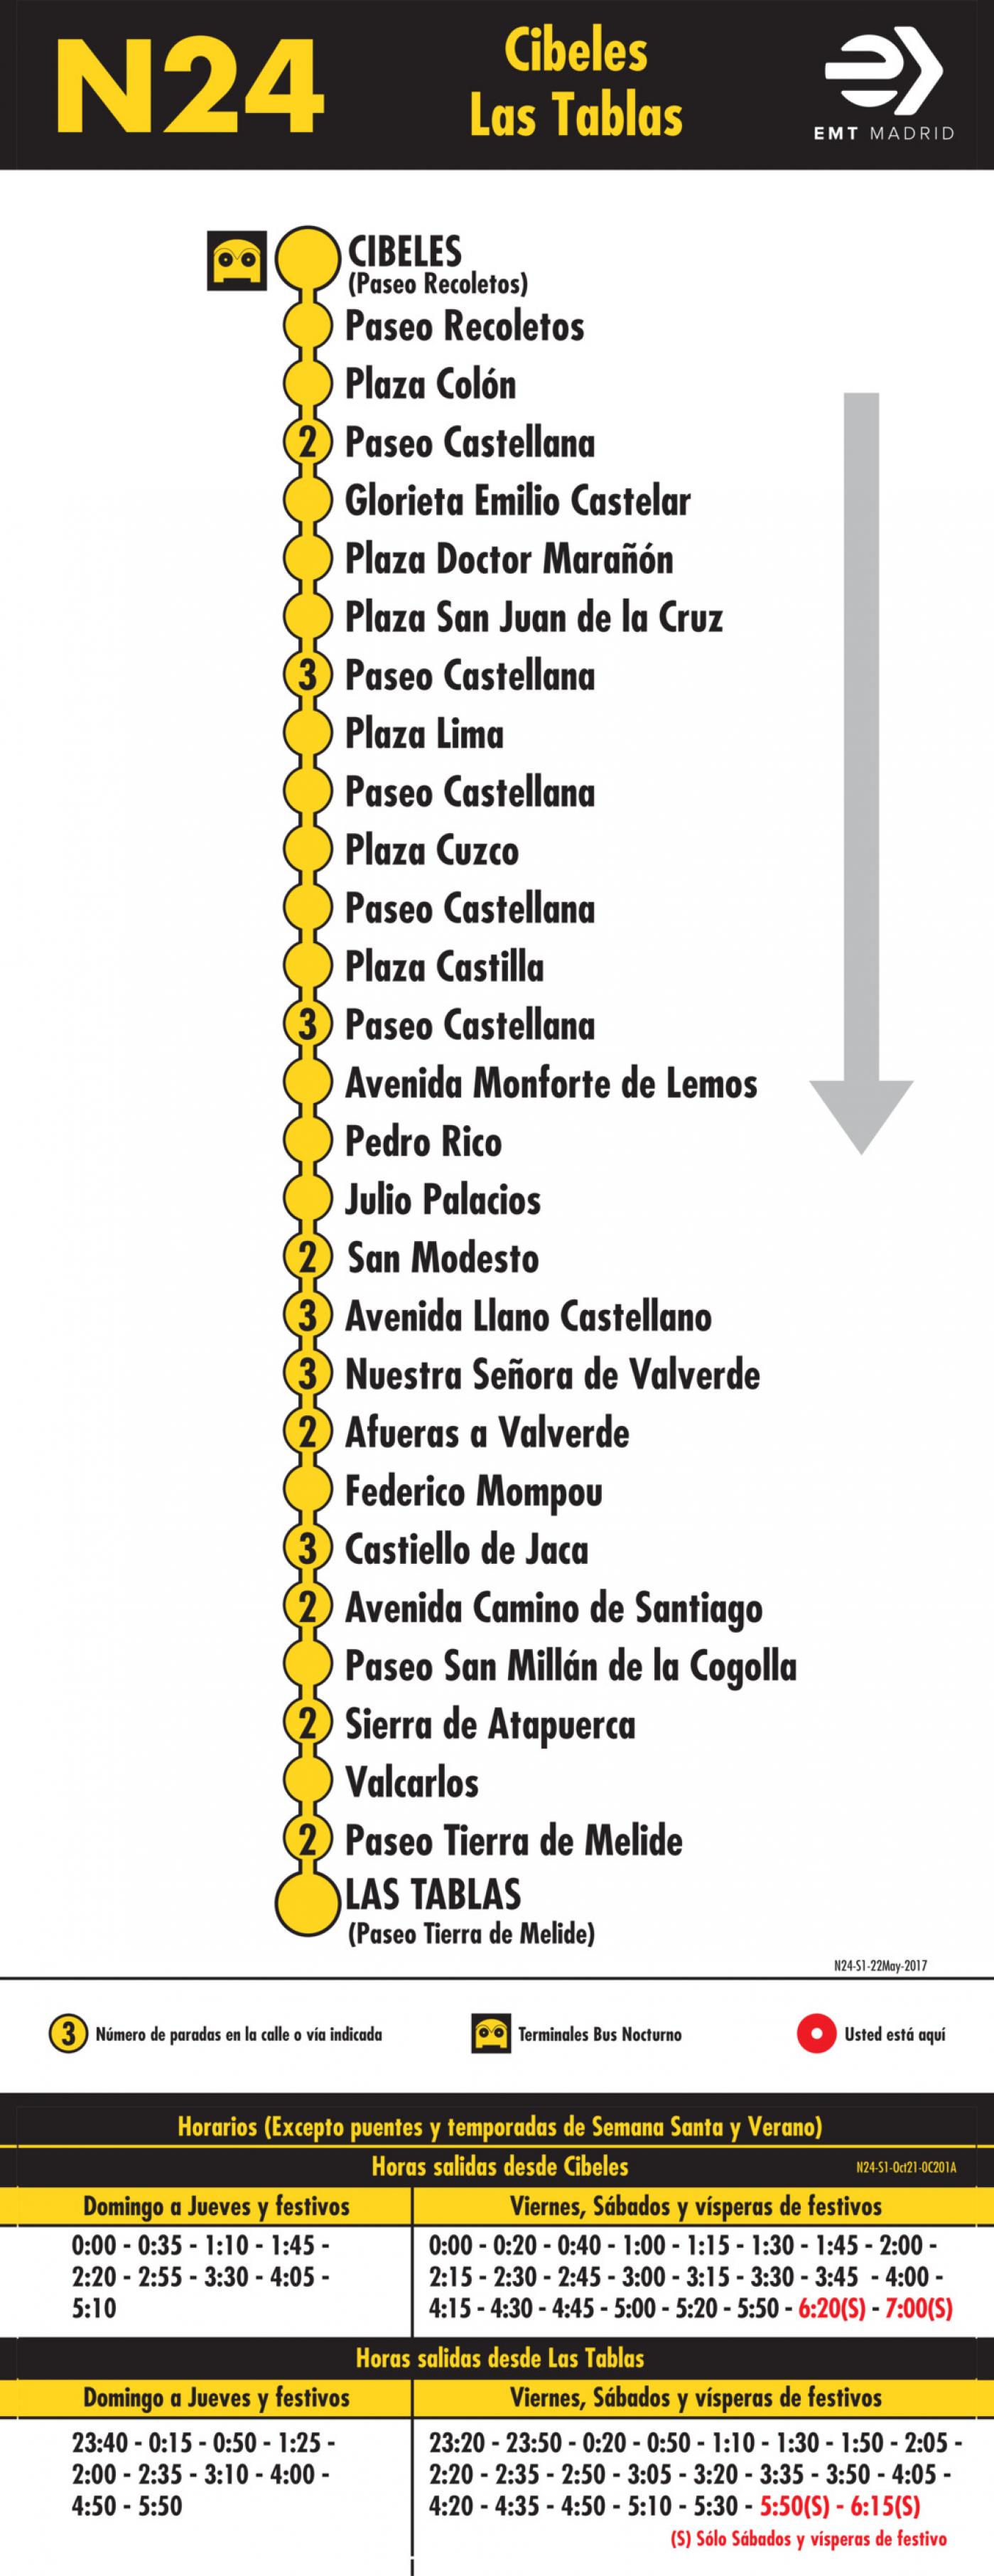 Tabla de horarios y frecuencias de paso en sentido ida Línea N24: Plaza de Cibeles - Las Tablas (búho)